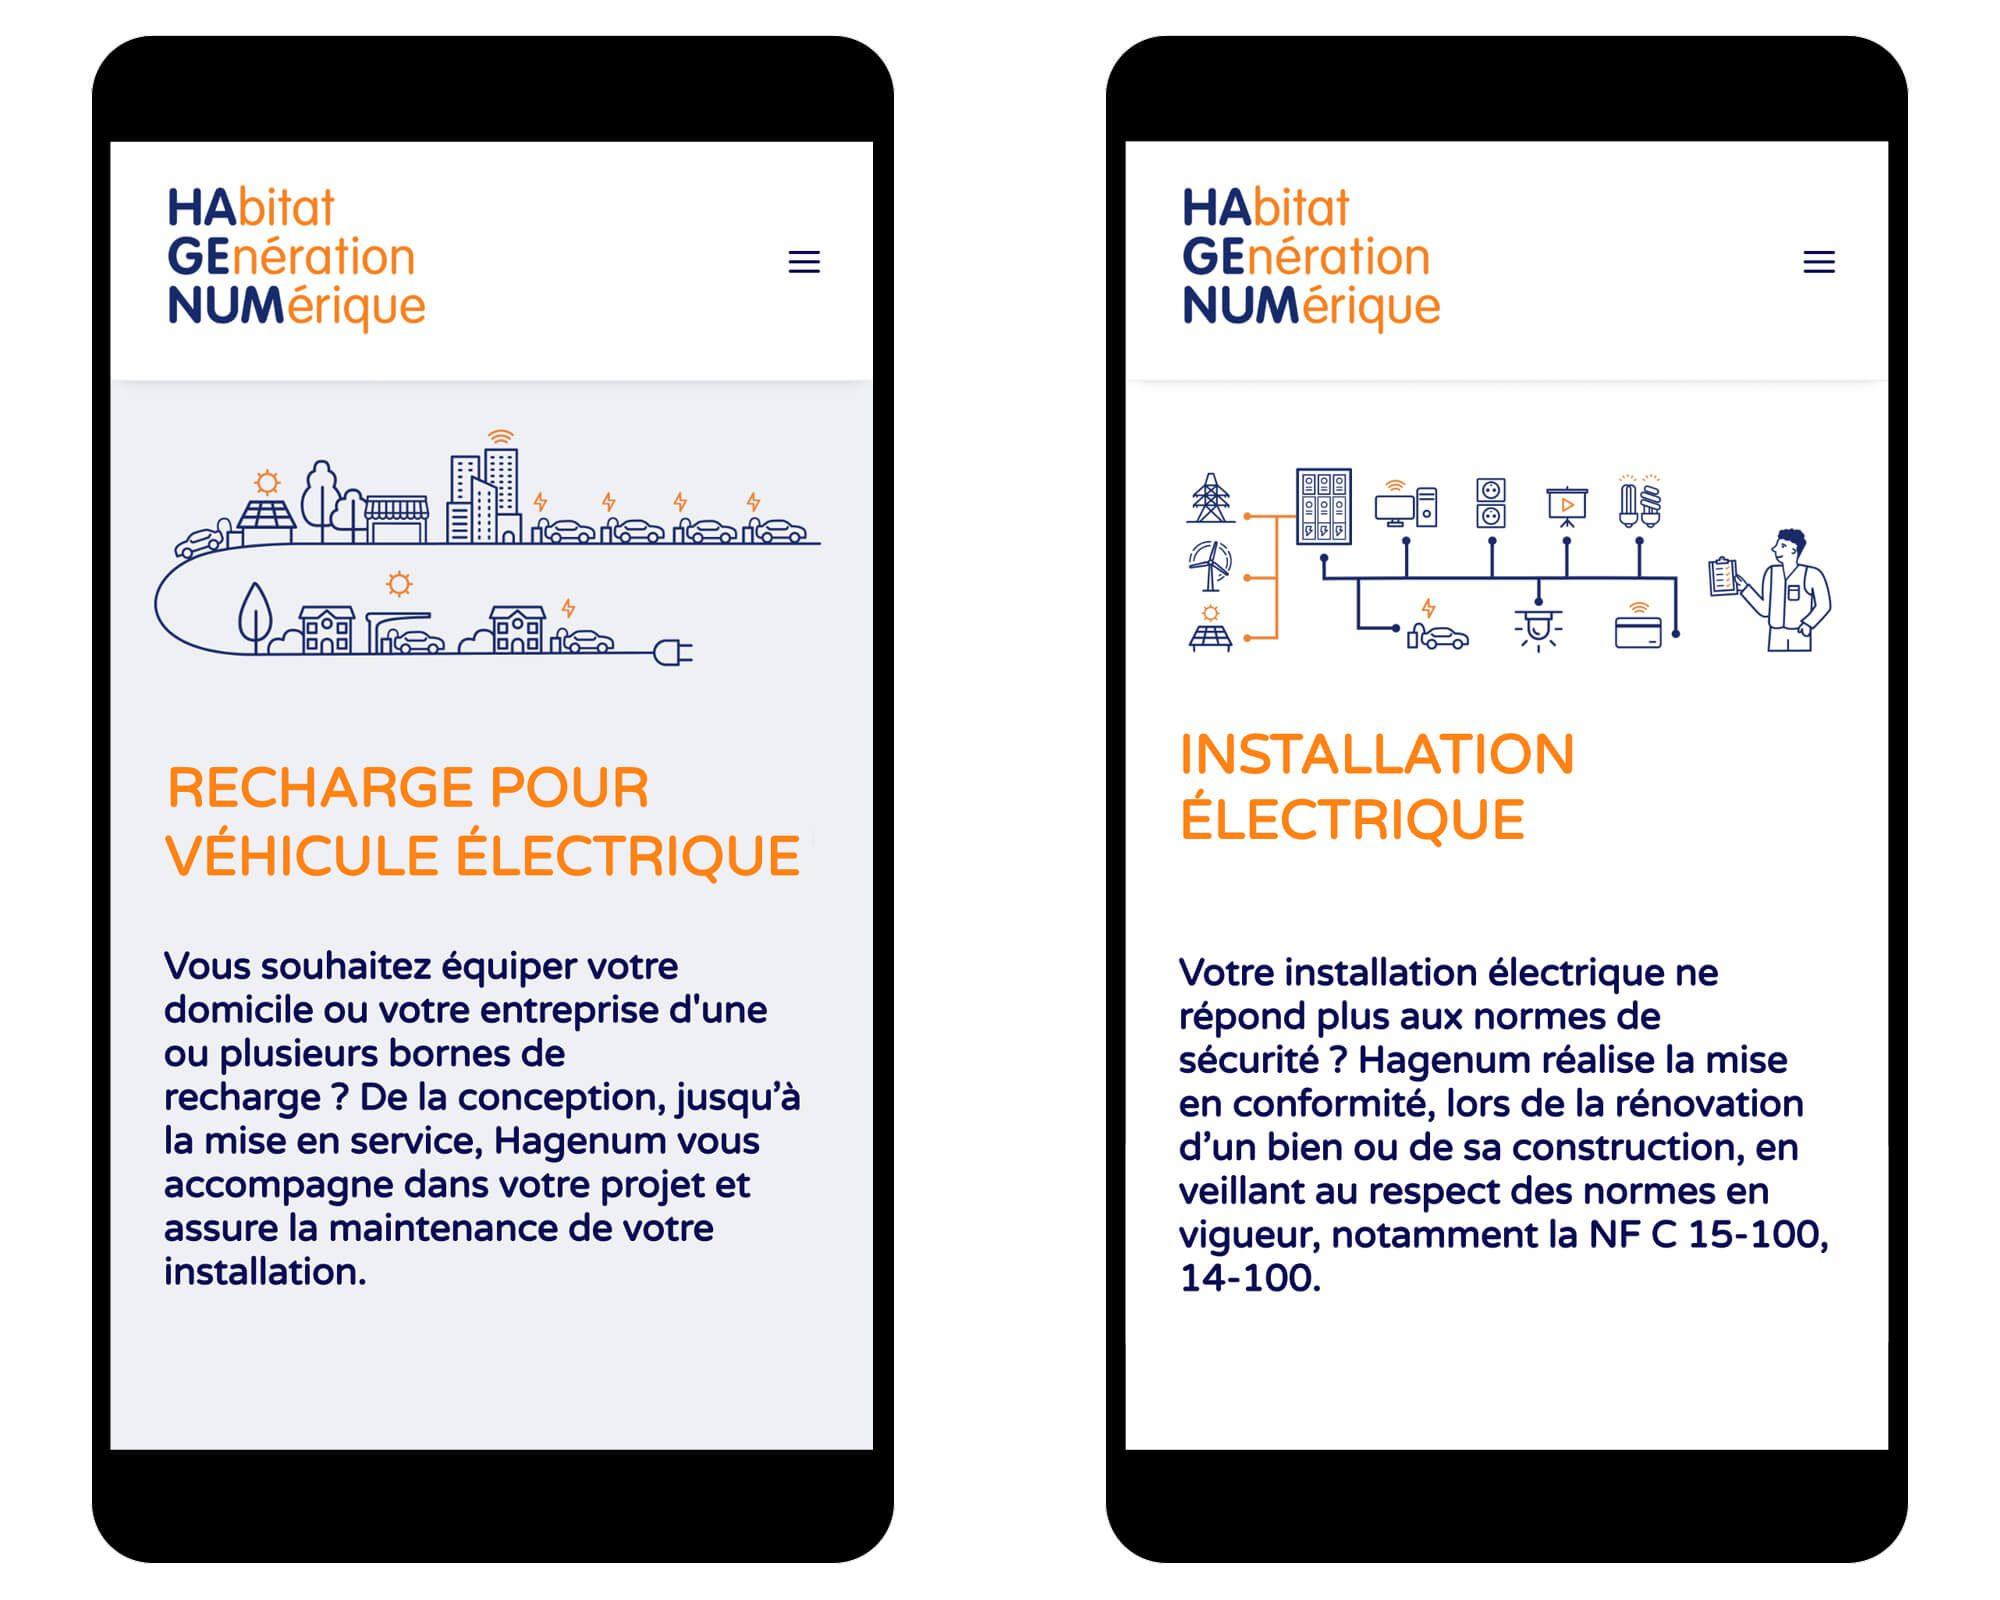 deux écrans de téléphone montrant le site web dessiné par helena ichbiah et son équipe pour les éléctriciens Hagenum, des illustrations et des pictogrammes minimalistes expliquent les activités